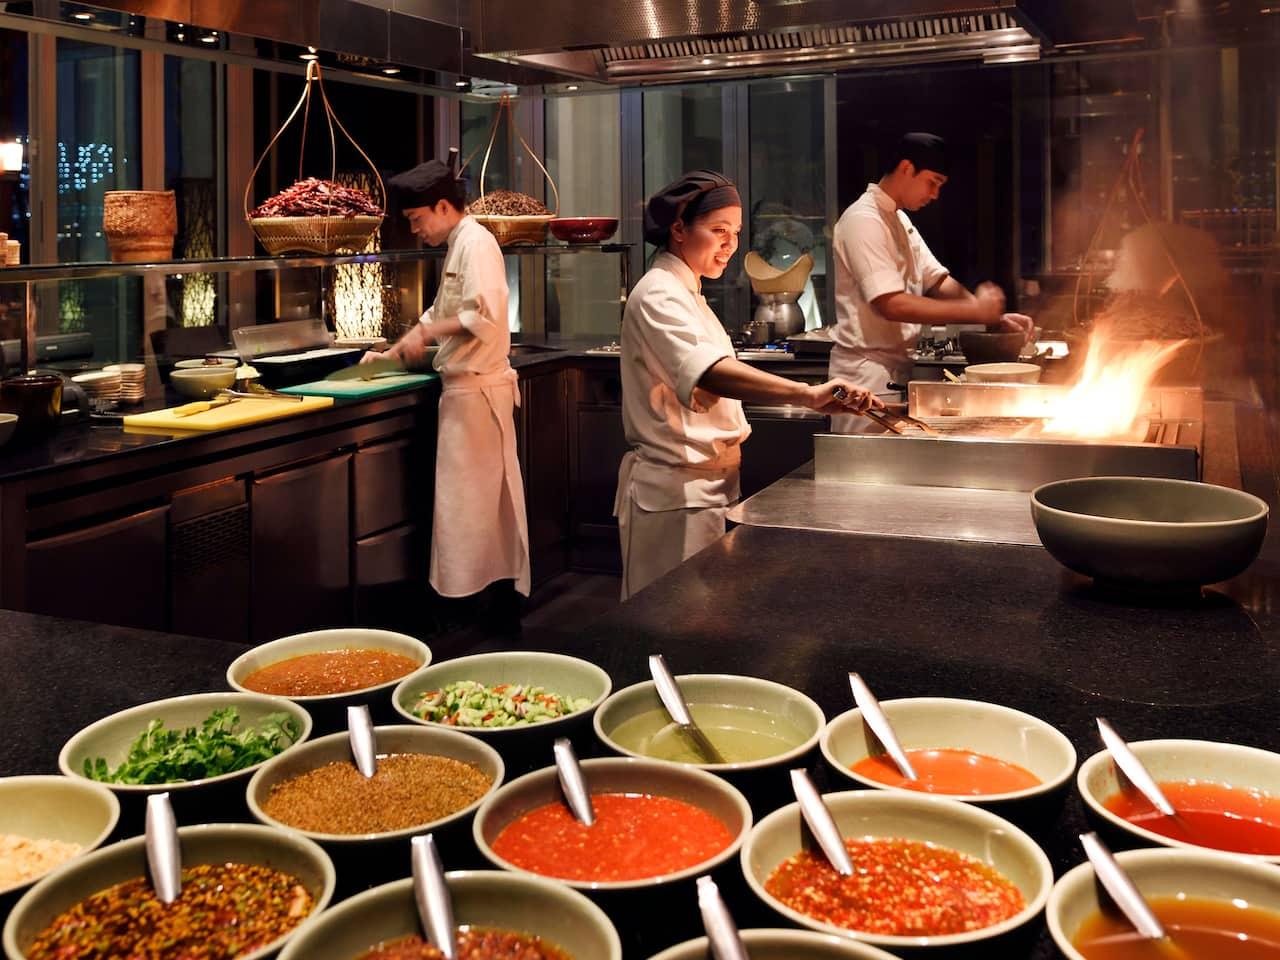 Thai Kitchen Chef in Action